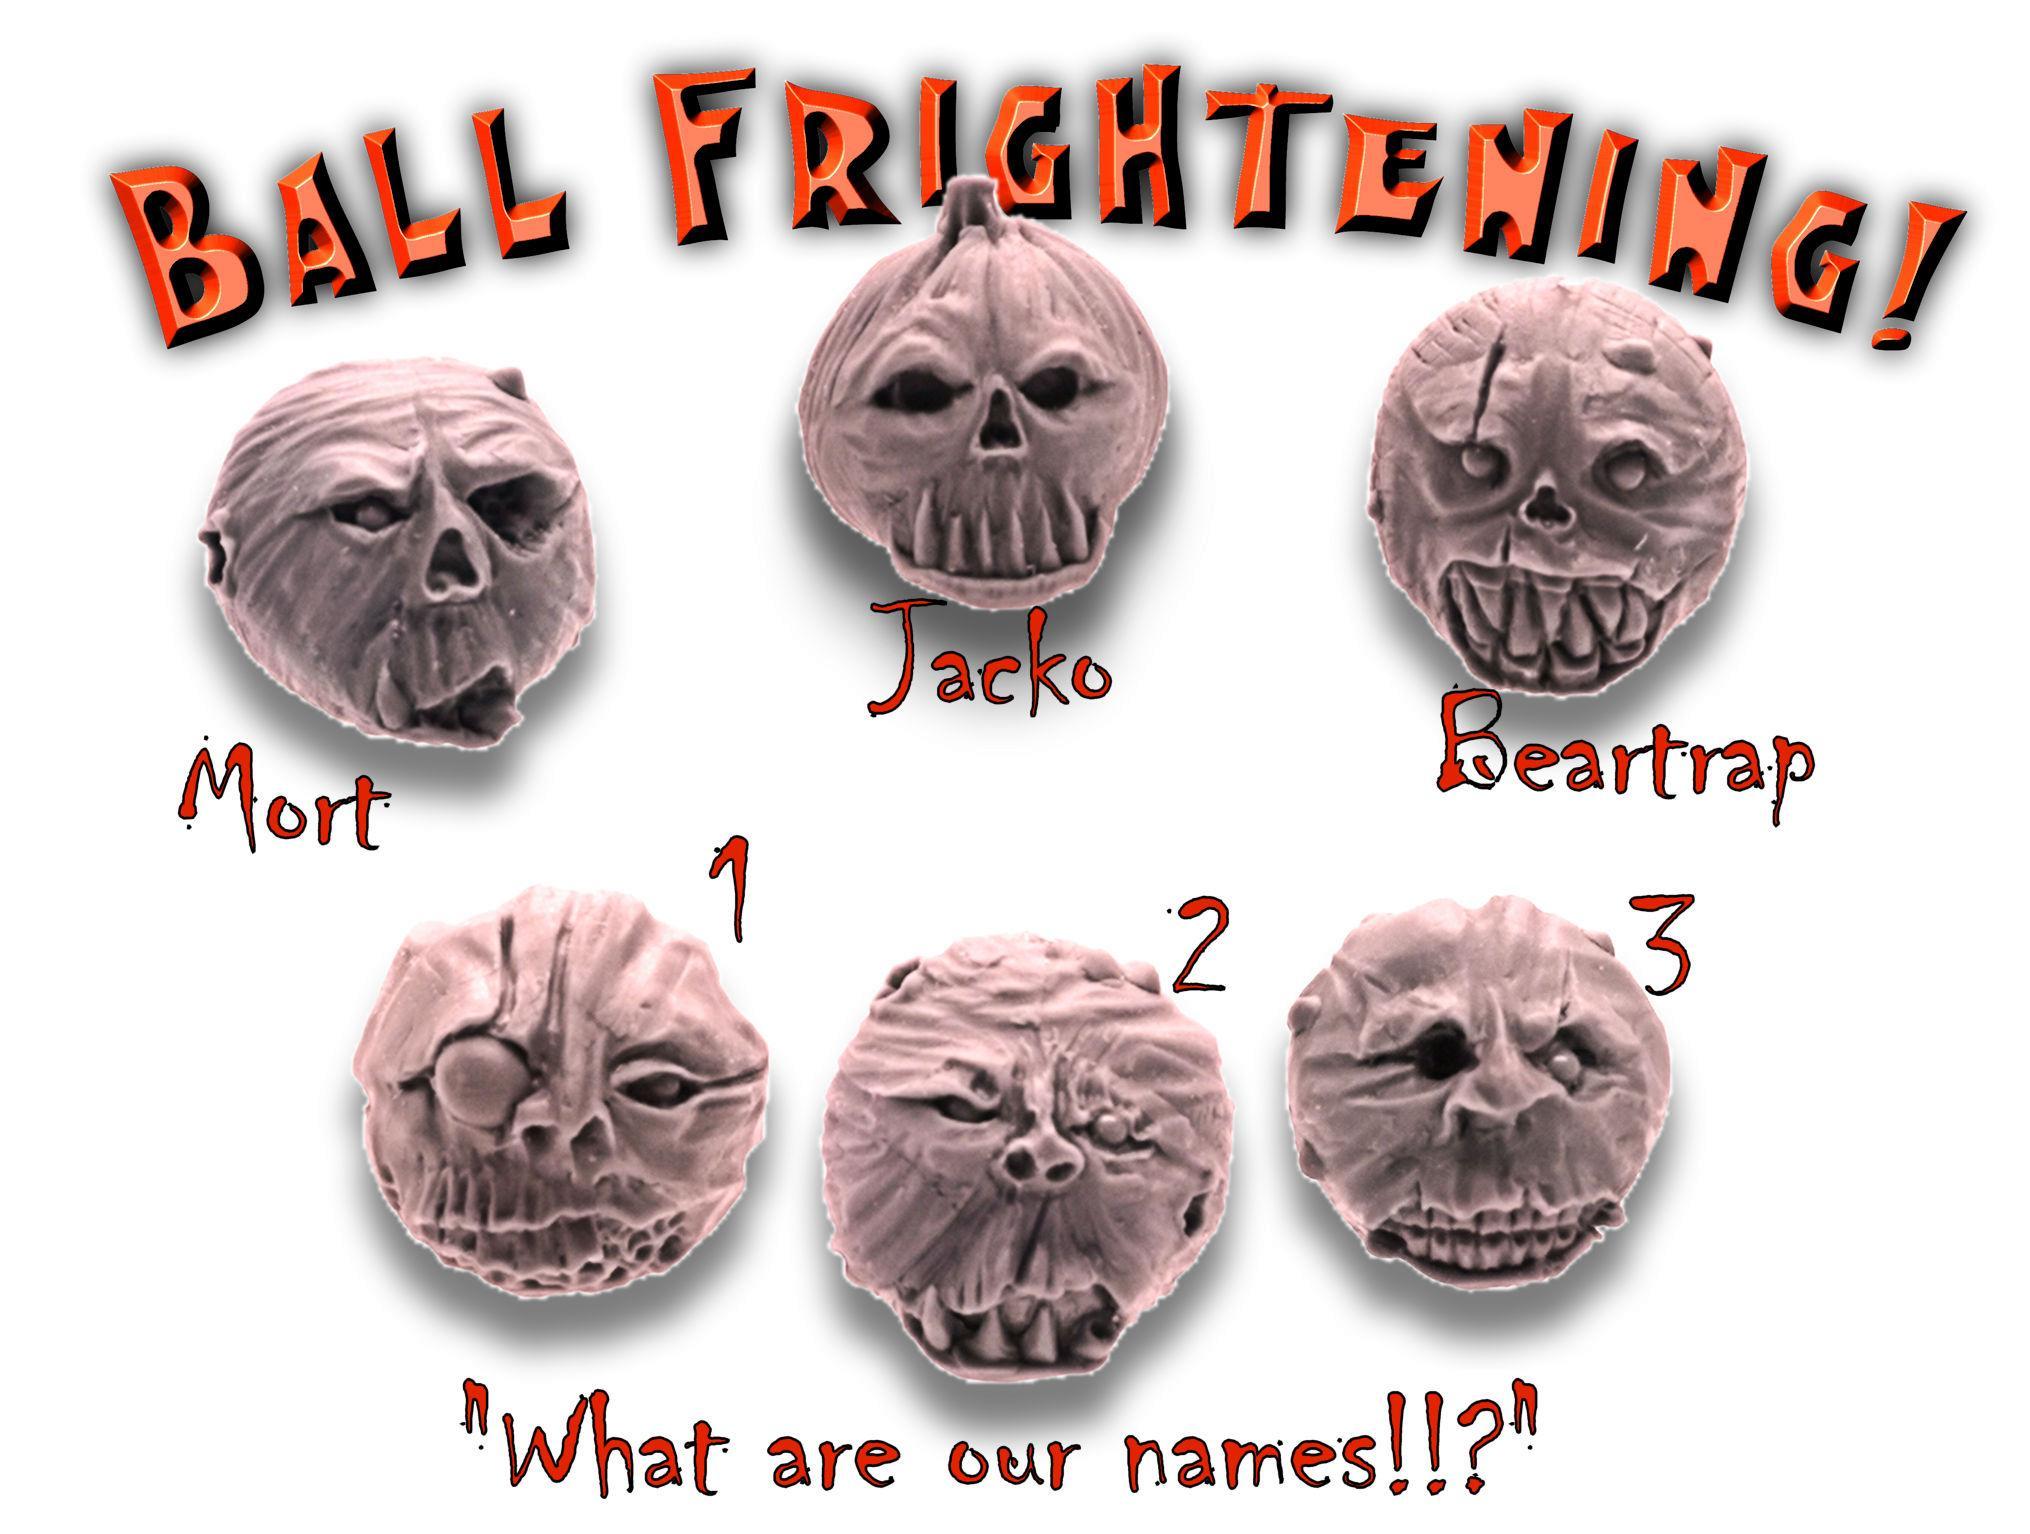 Ballmonsters, Balls, Halloween, Horro, Monsters